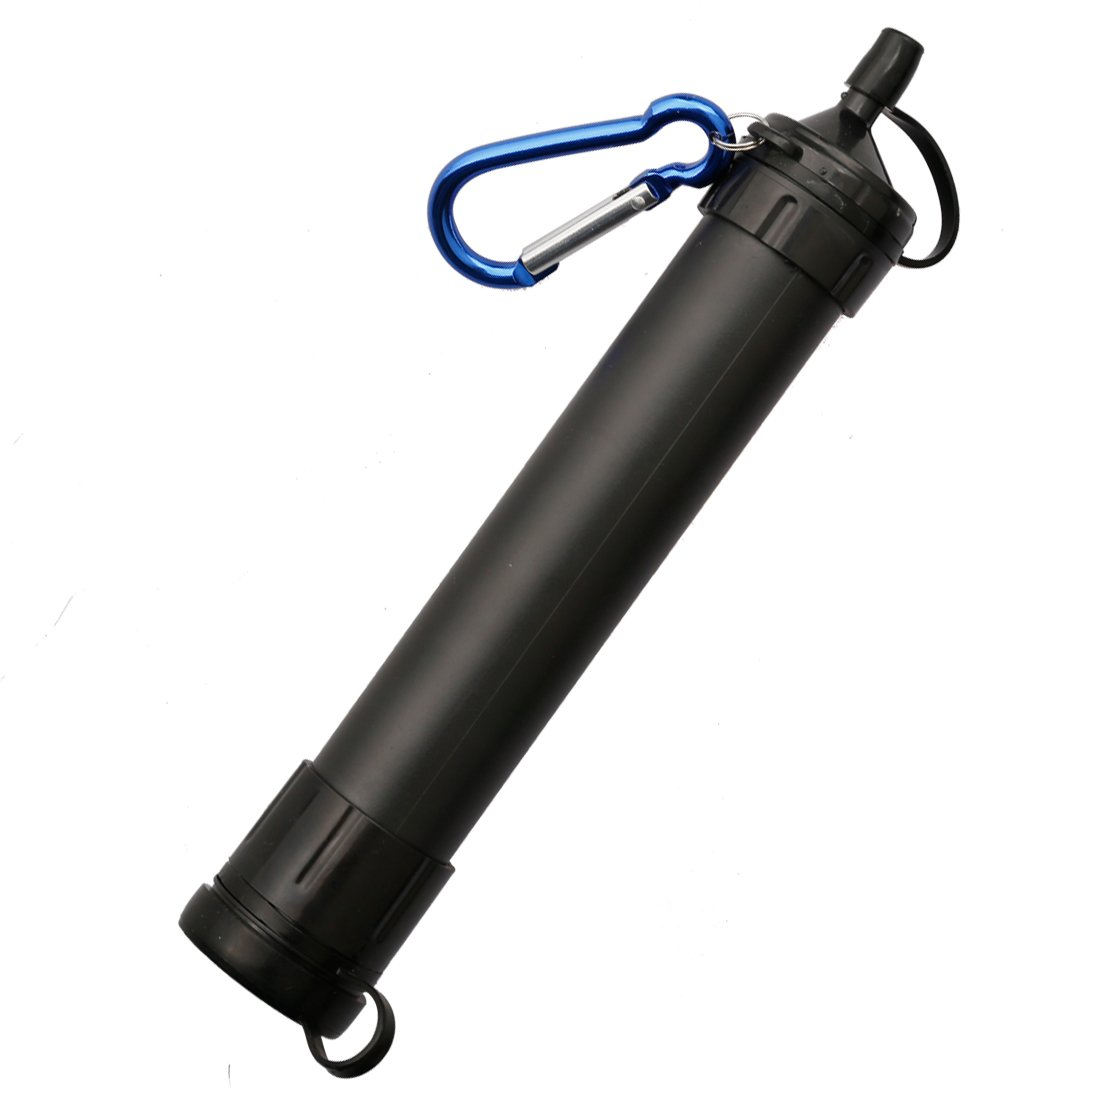 A-szcxtop Filtro de agua paja seguridad y purificador de agua portátil para actividades al aire libre o de emergencia (camuflaje)